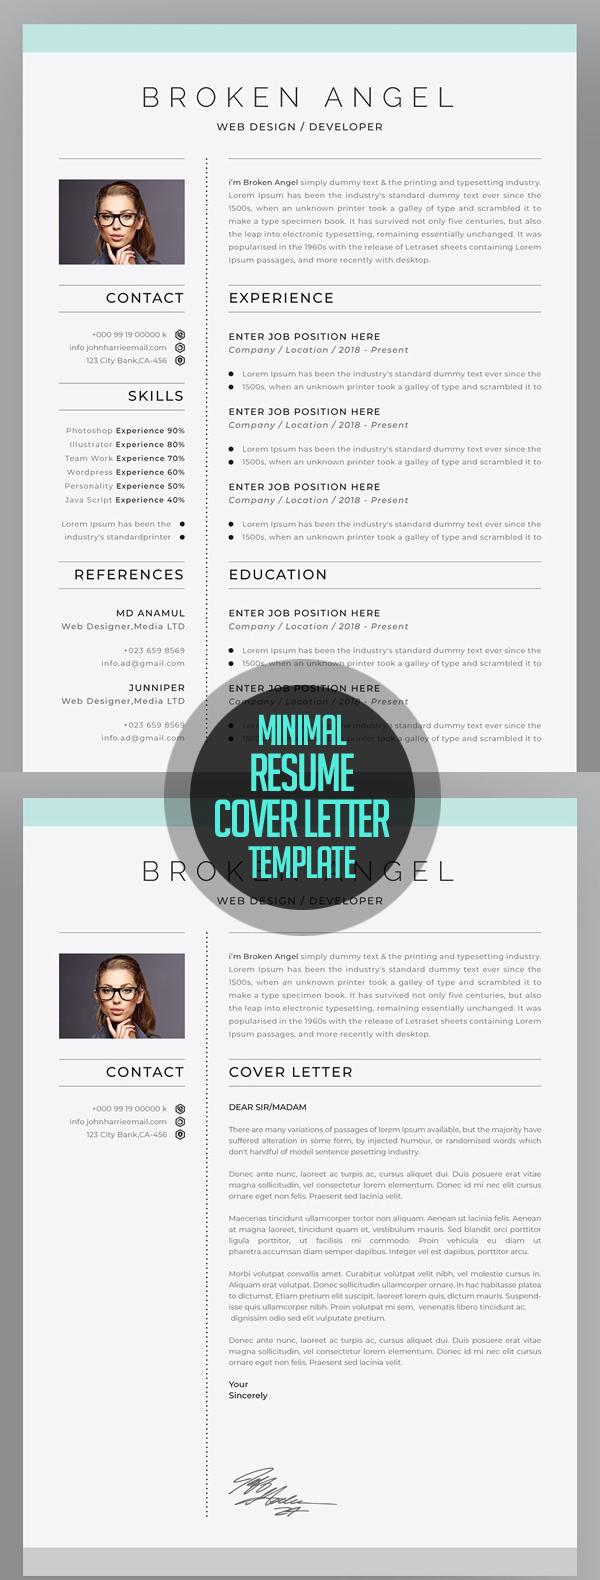 Minimal Resume + Cover Letter for 2018